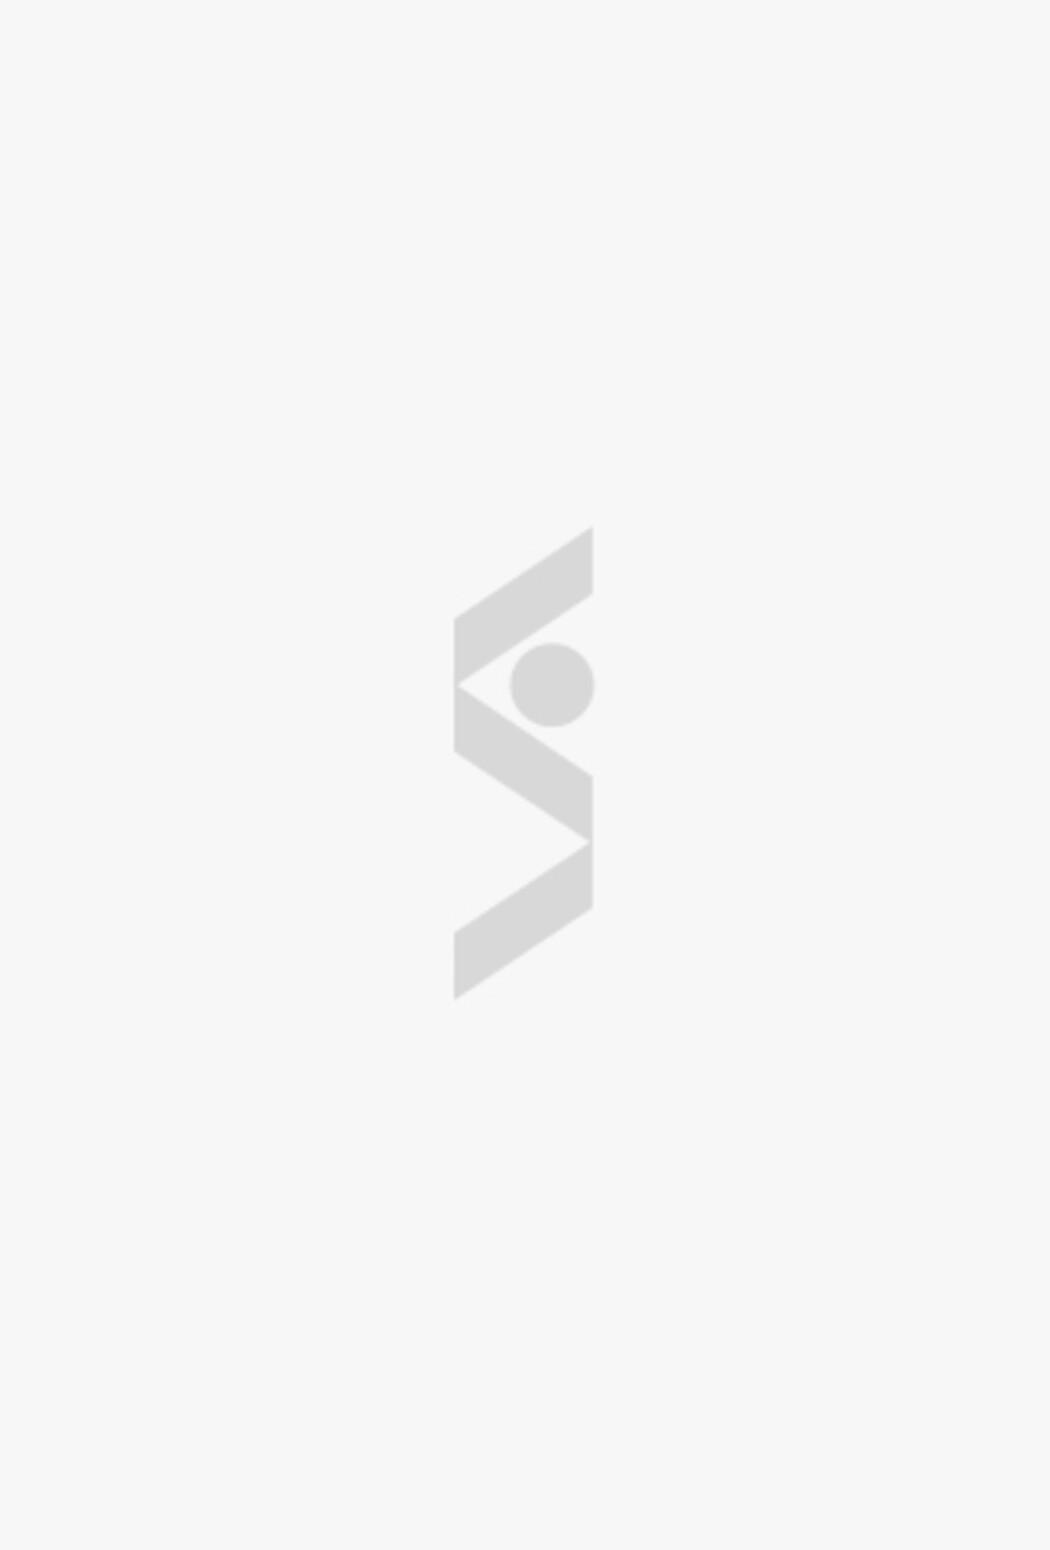 Босоножки VAGABOND - купить, цена 4680 ₽ в Москве в интернет-магазине СТОКМАНН